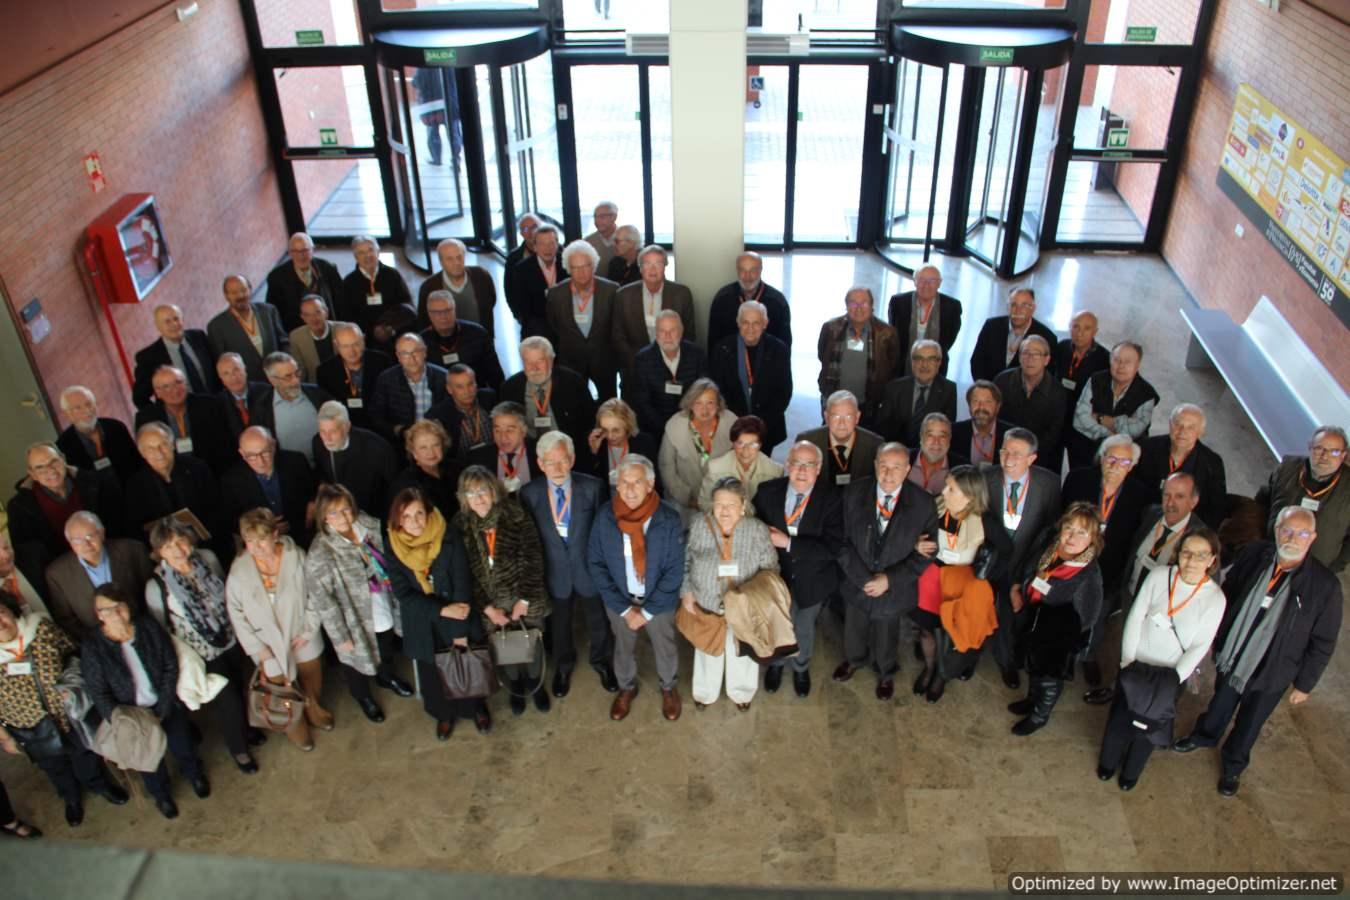 50 Anys d'Economistes - imatge 0